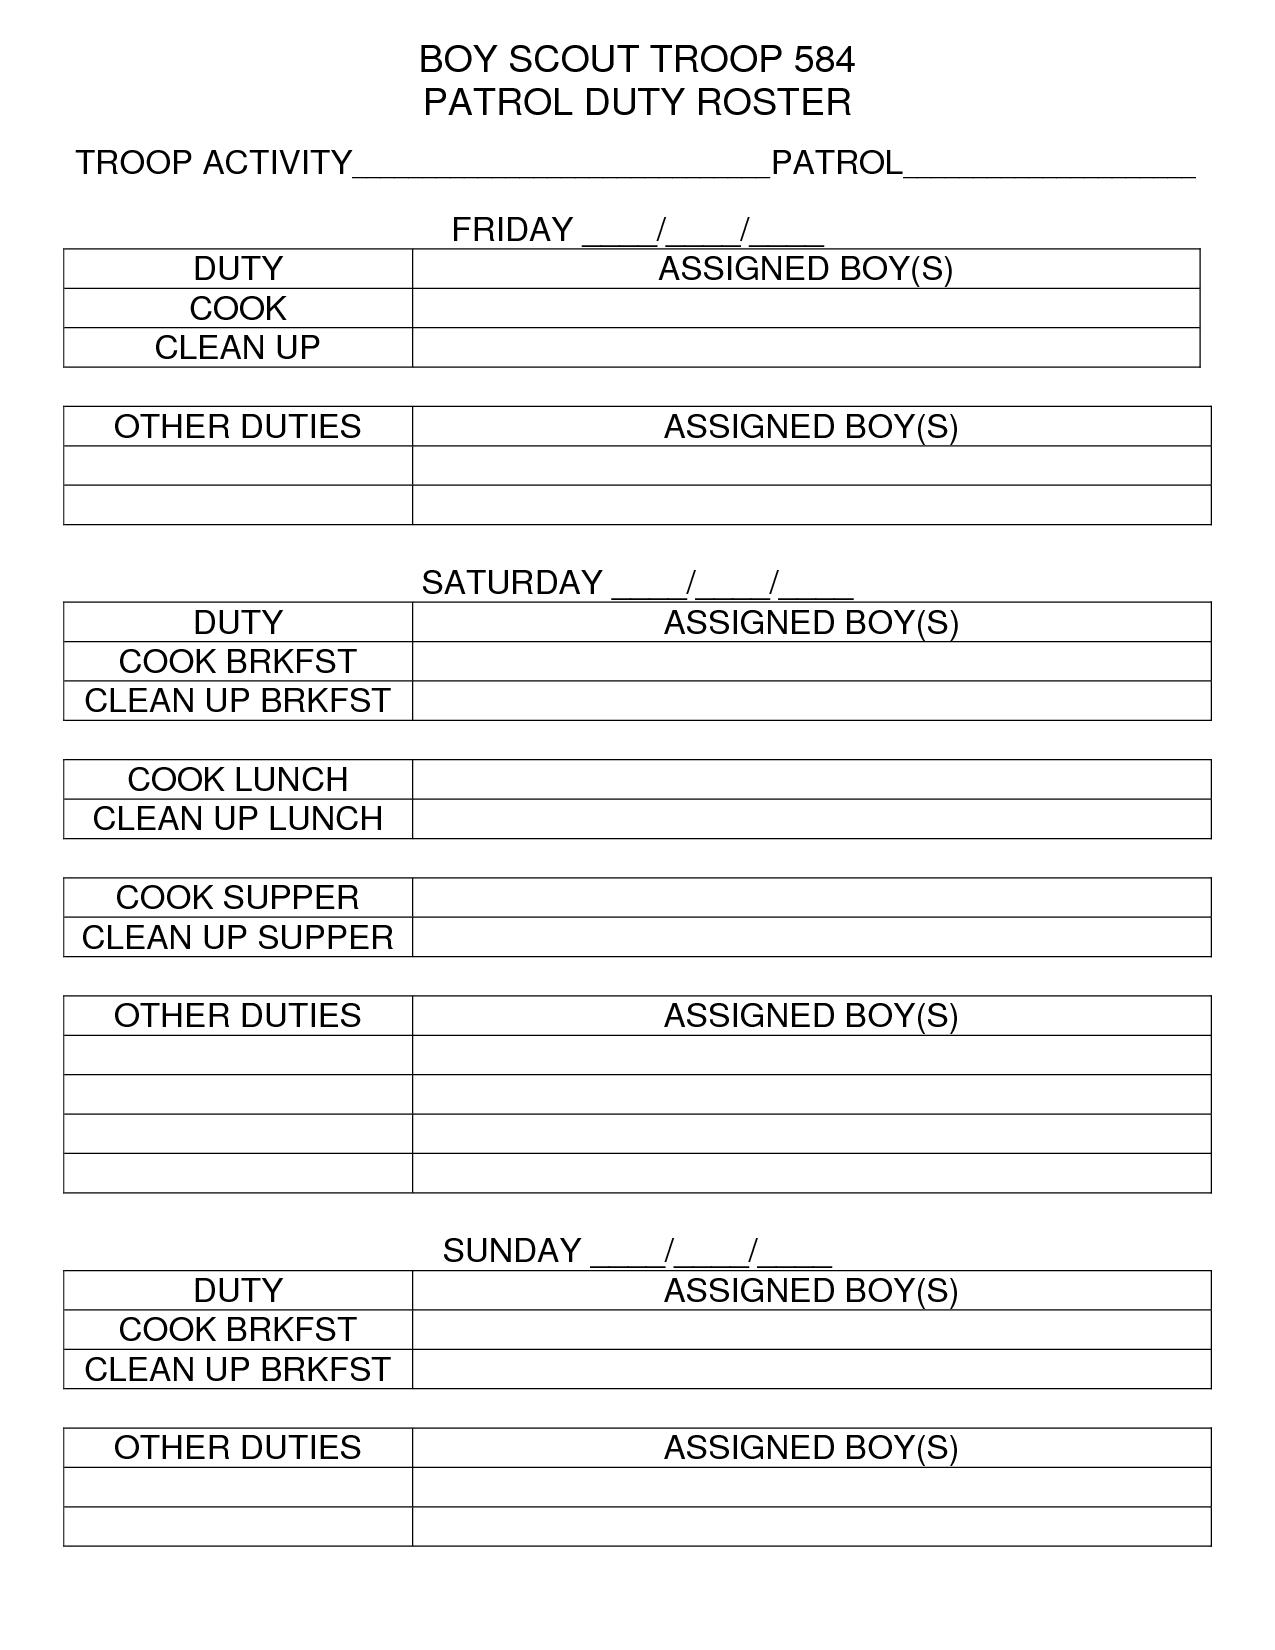 Den Camping Assignment Duty Chart